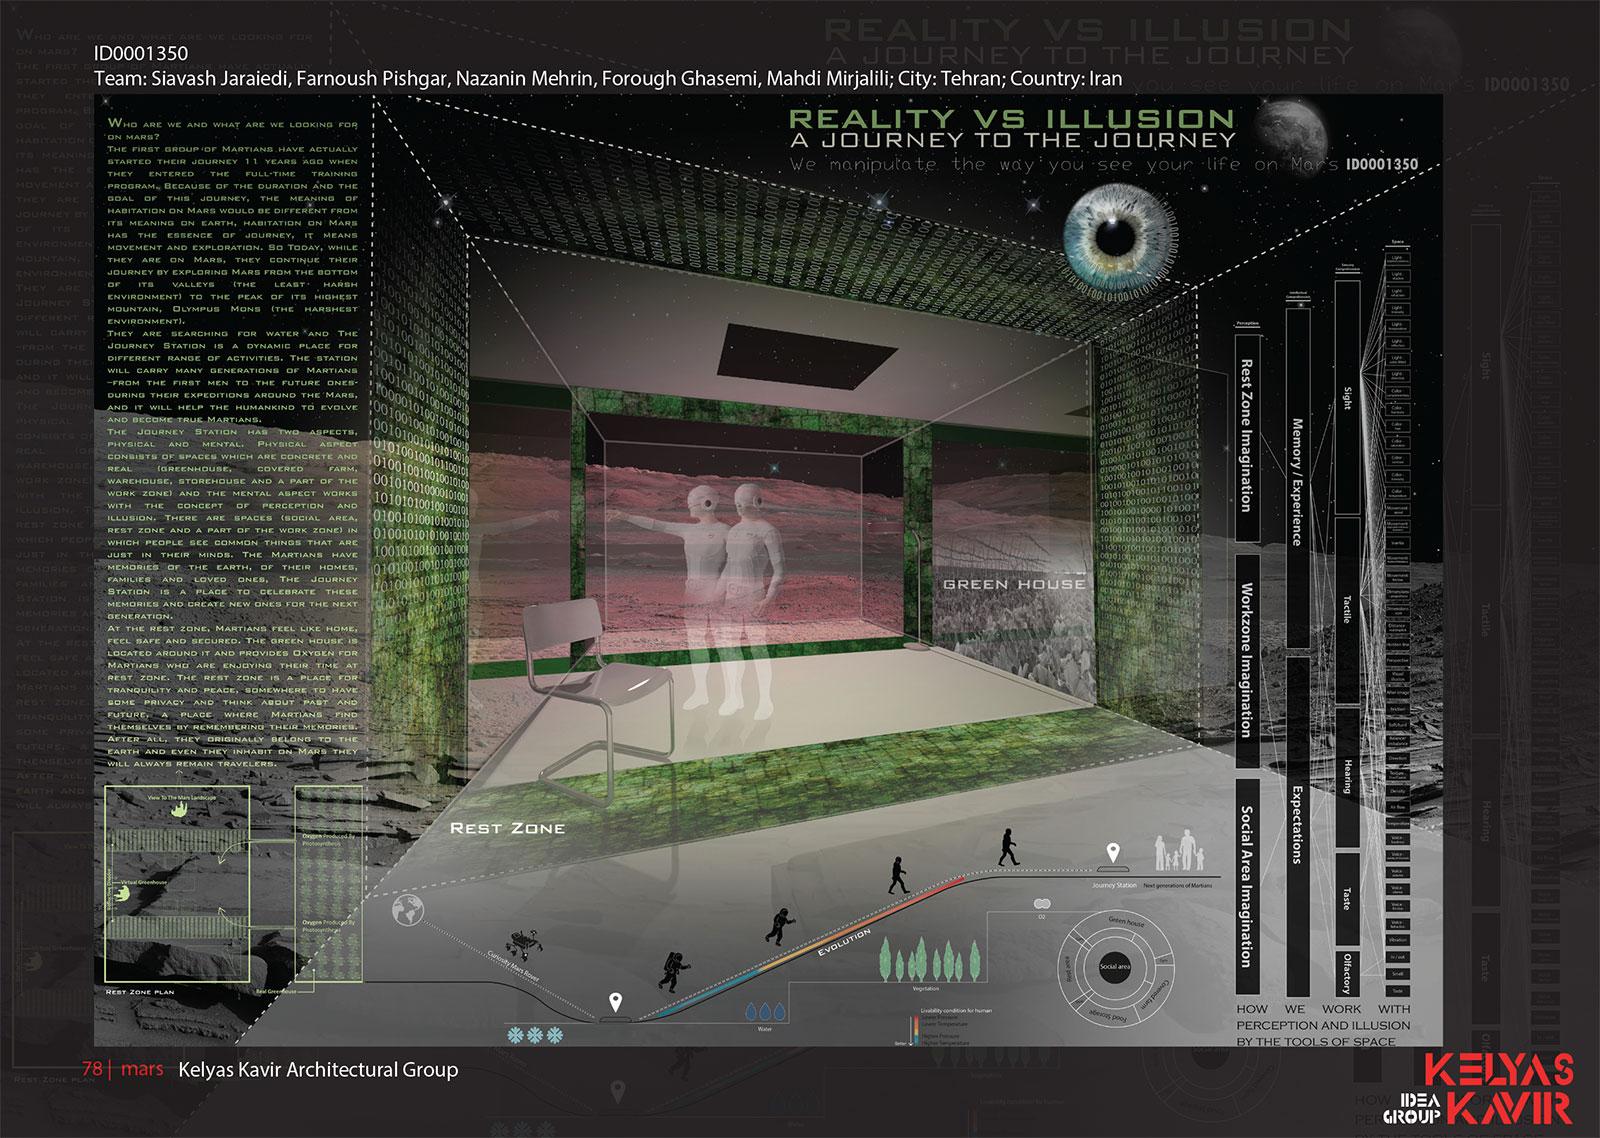 مسابقه بین المللی طراحی اولین ایستگاه مریخ